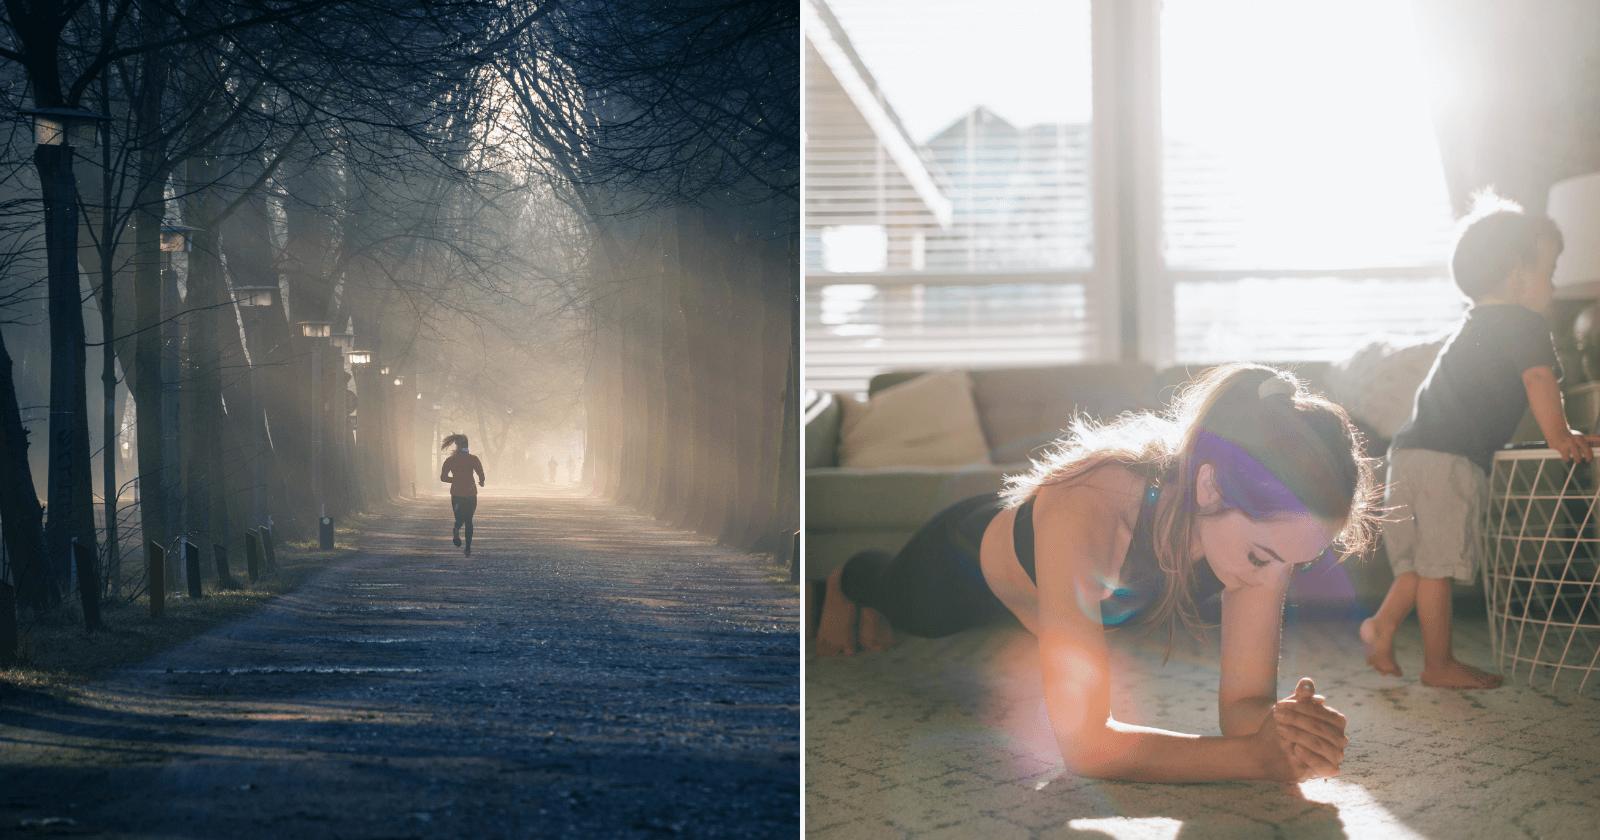 Fazer exercício NESSE horário pode te fazer APRENDER mais!